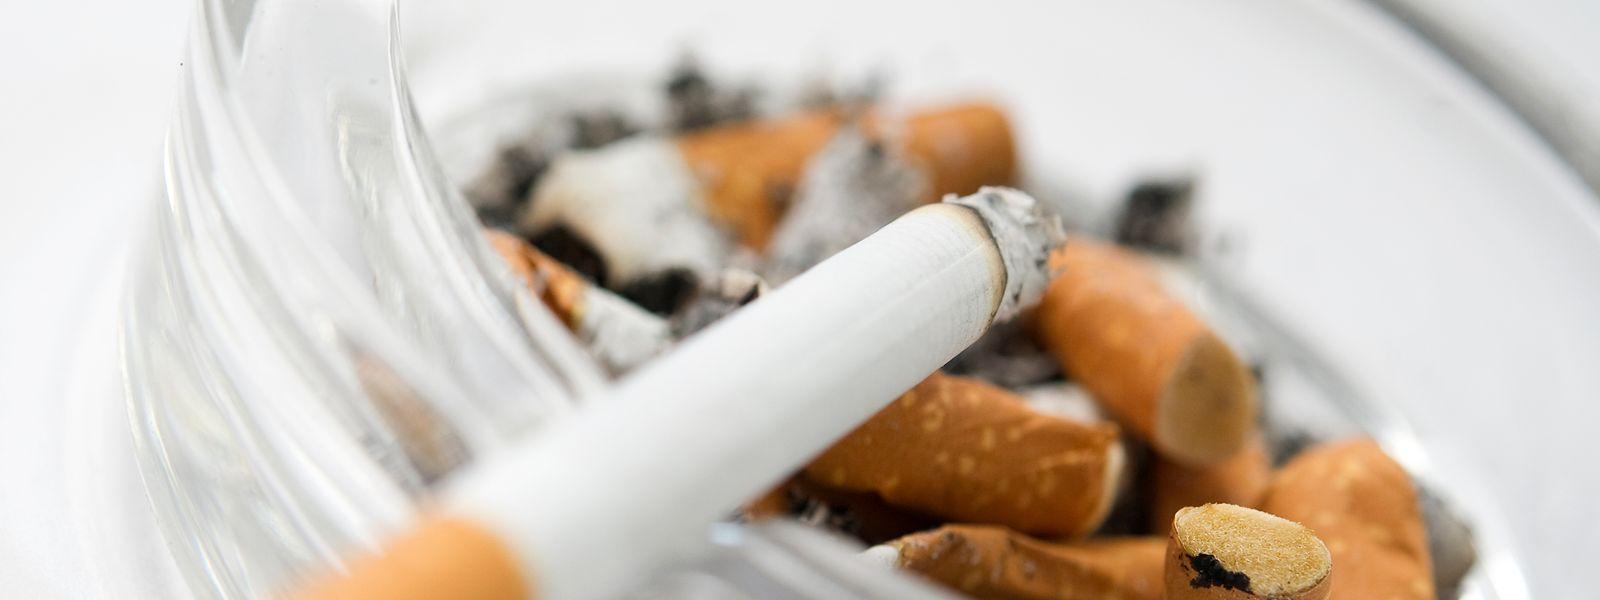 Über 120.000 Zigaretten hatten die Frauen in ihren Koffern.